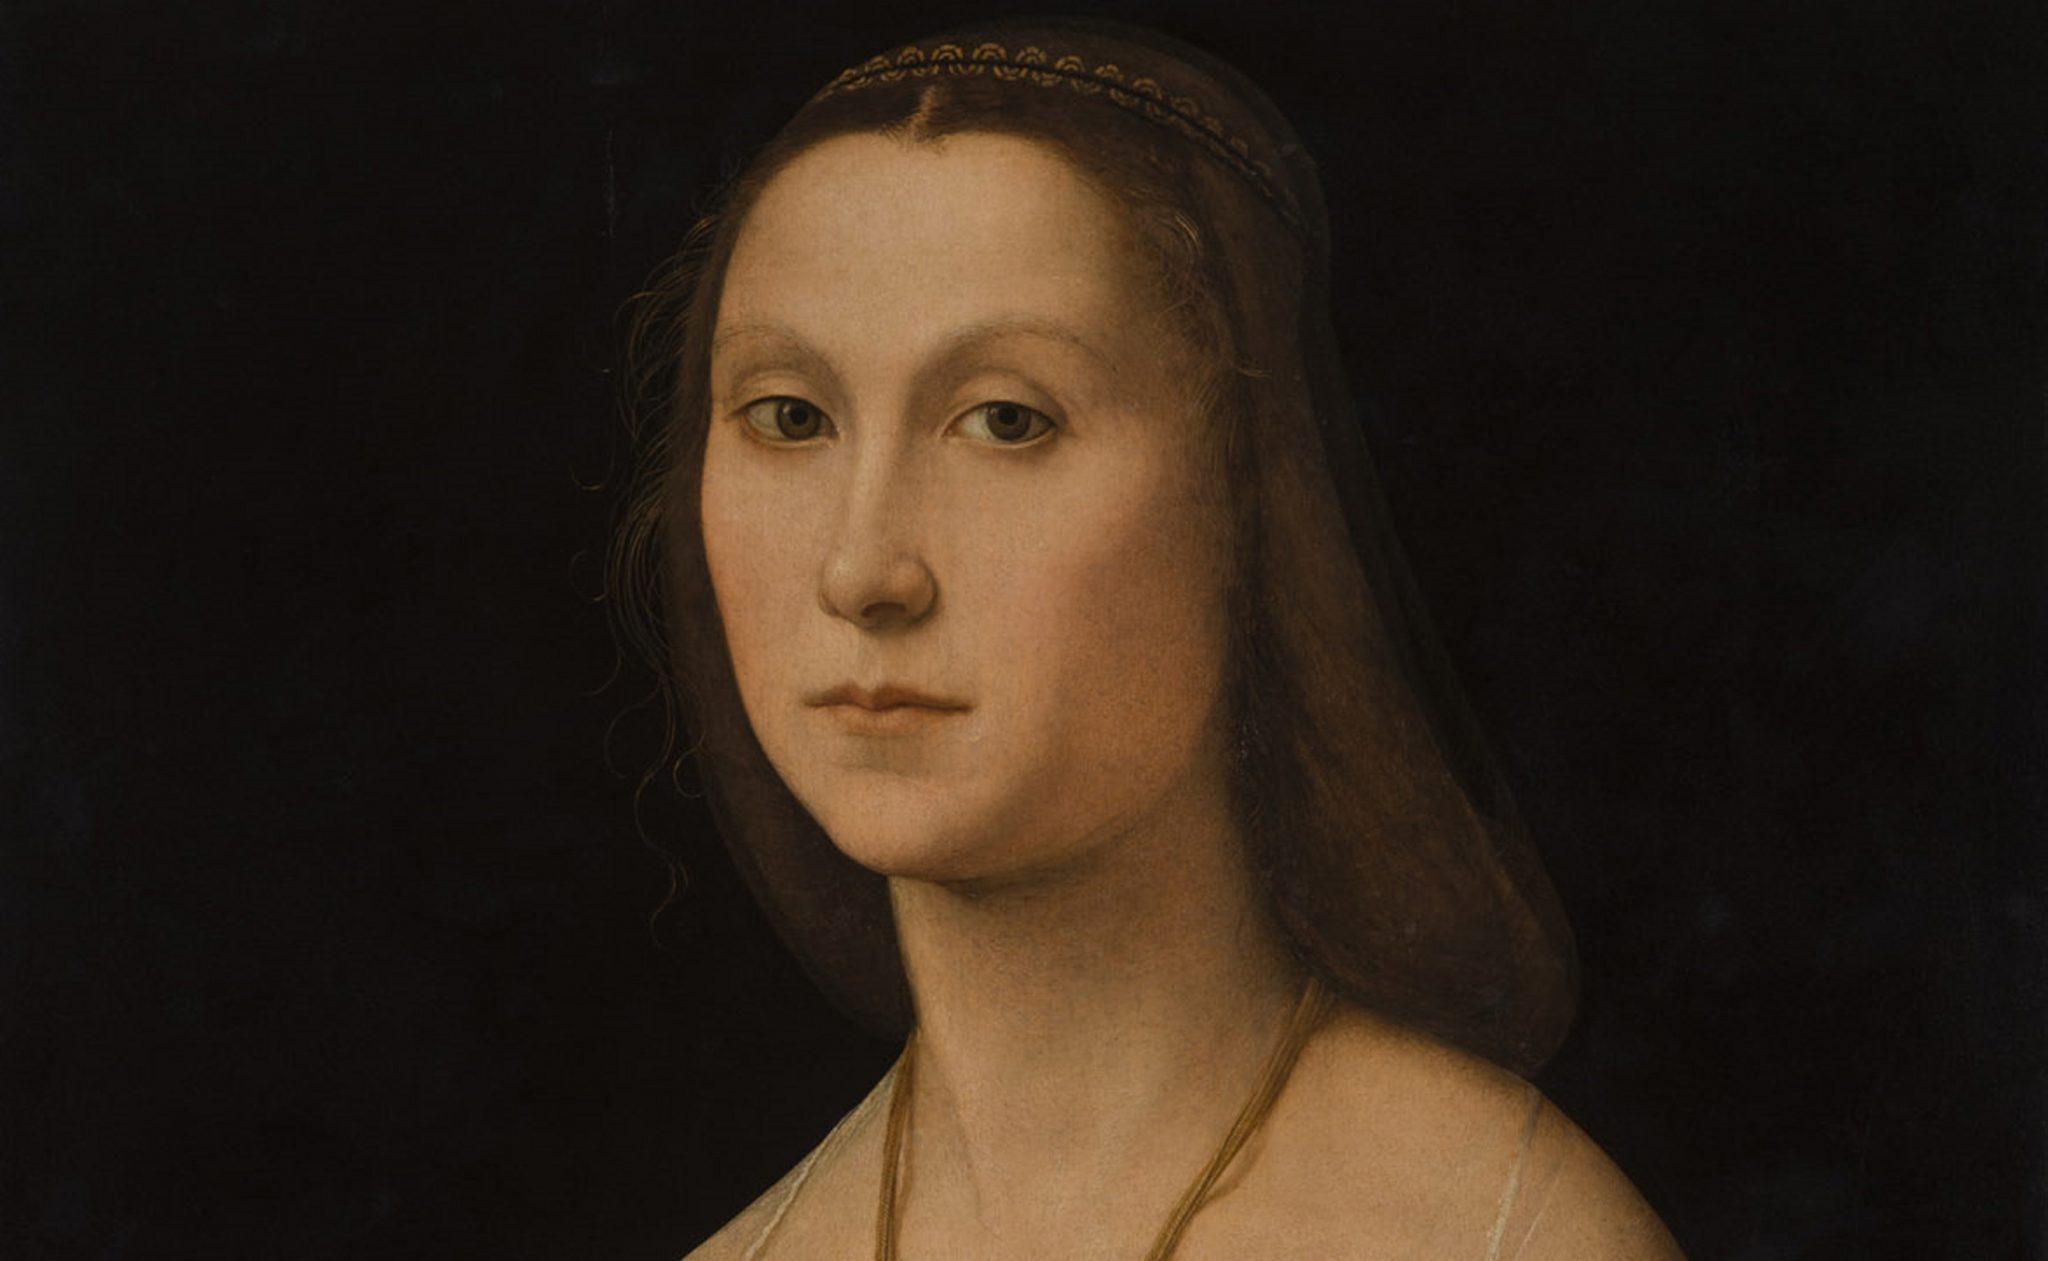 Raffaello Sanzio, La Muta, 1507, olio su tavola, Galleria Nazionale delle Marche, Urbino (particolare)